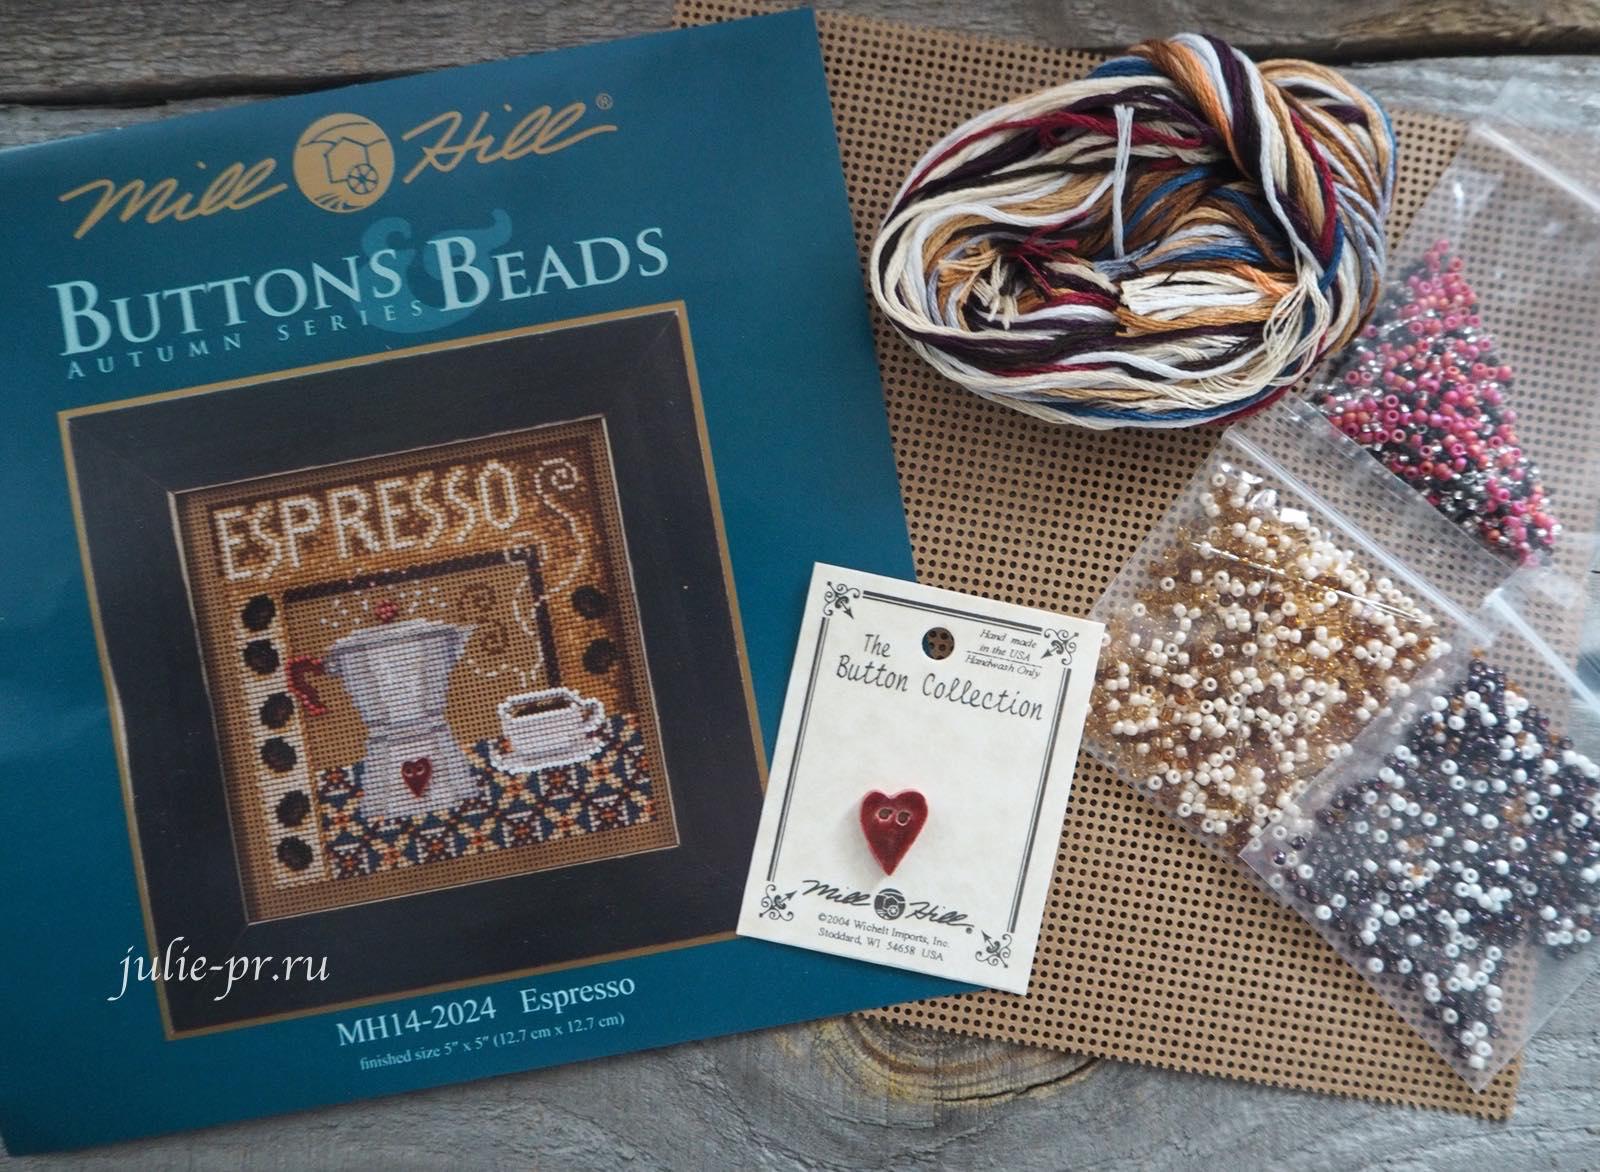 Mill Hill, вышивка крестом, вышивка бисером, кофе, кофейник, эспрессо, espresso, MH14-2024